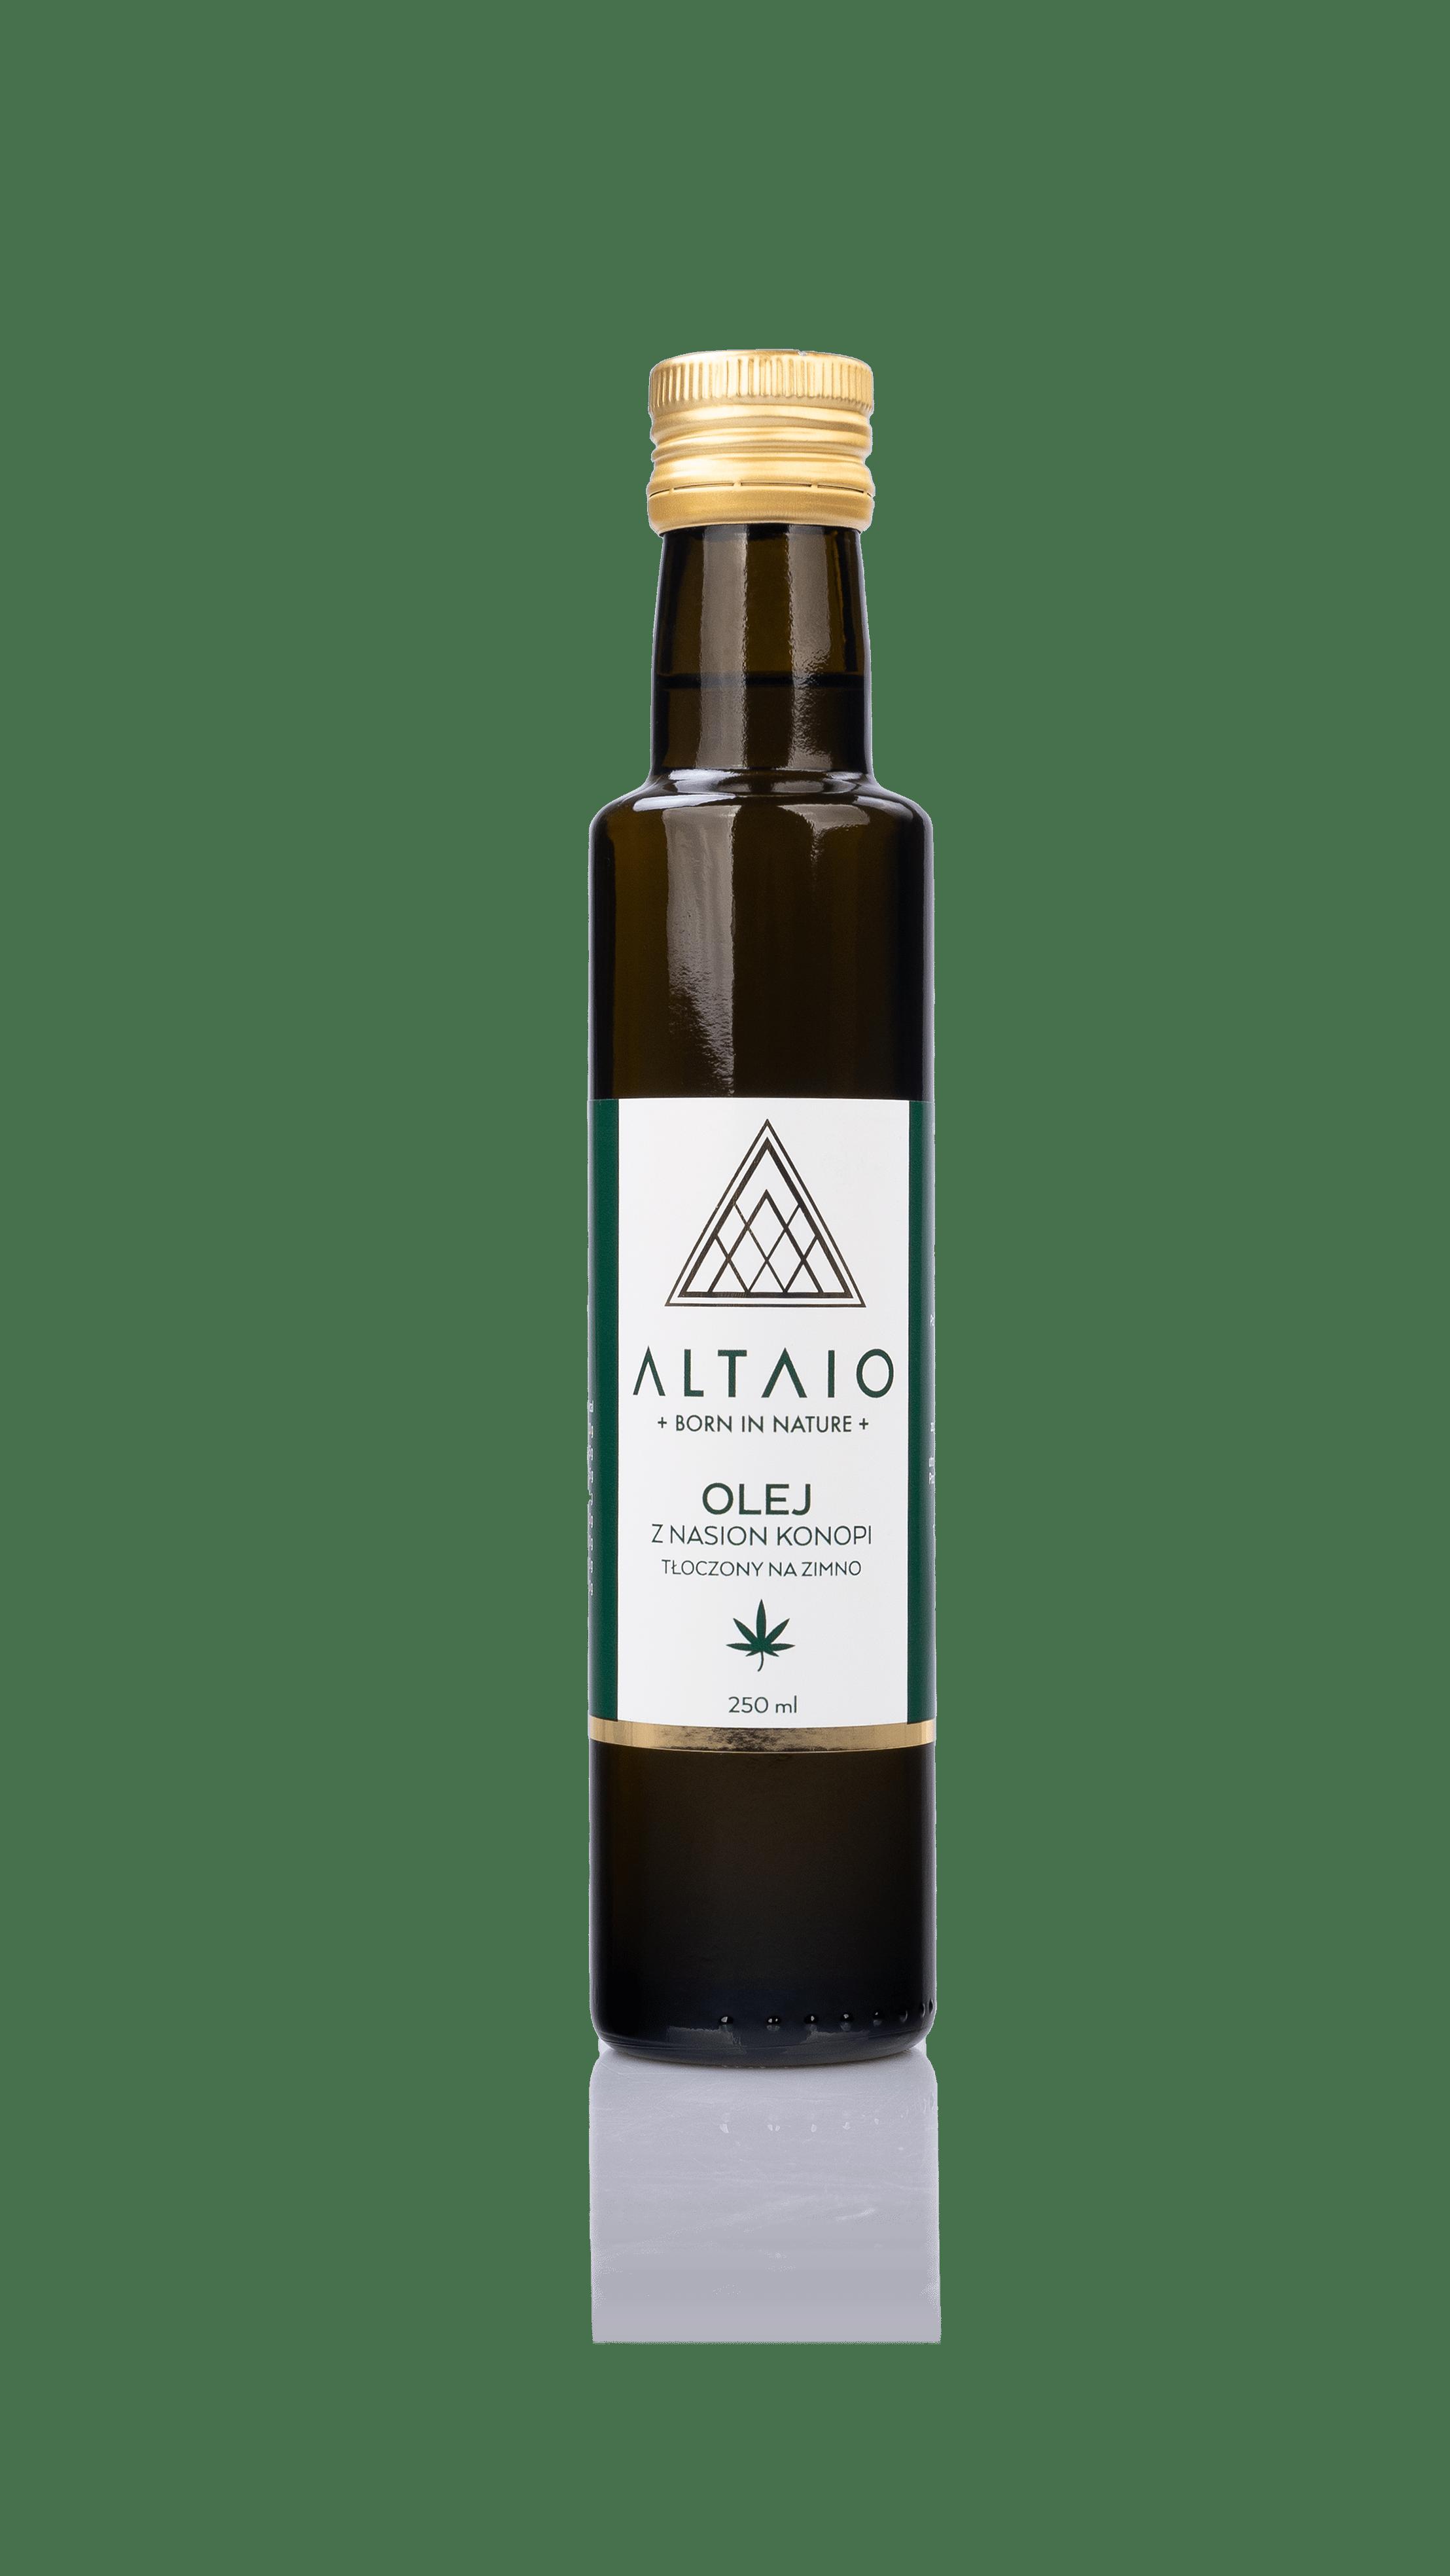 Olej z nasion konopi ALTAIO 250ml